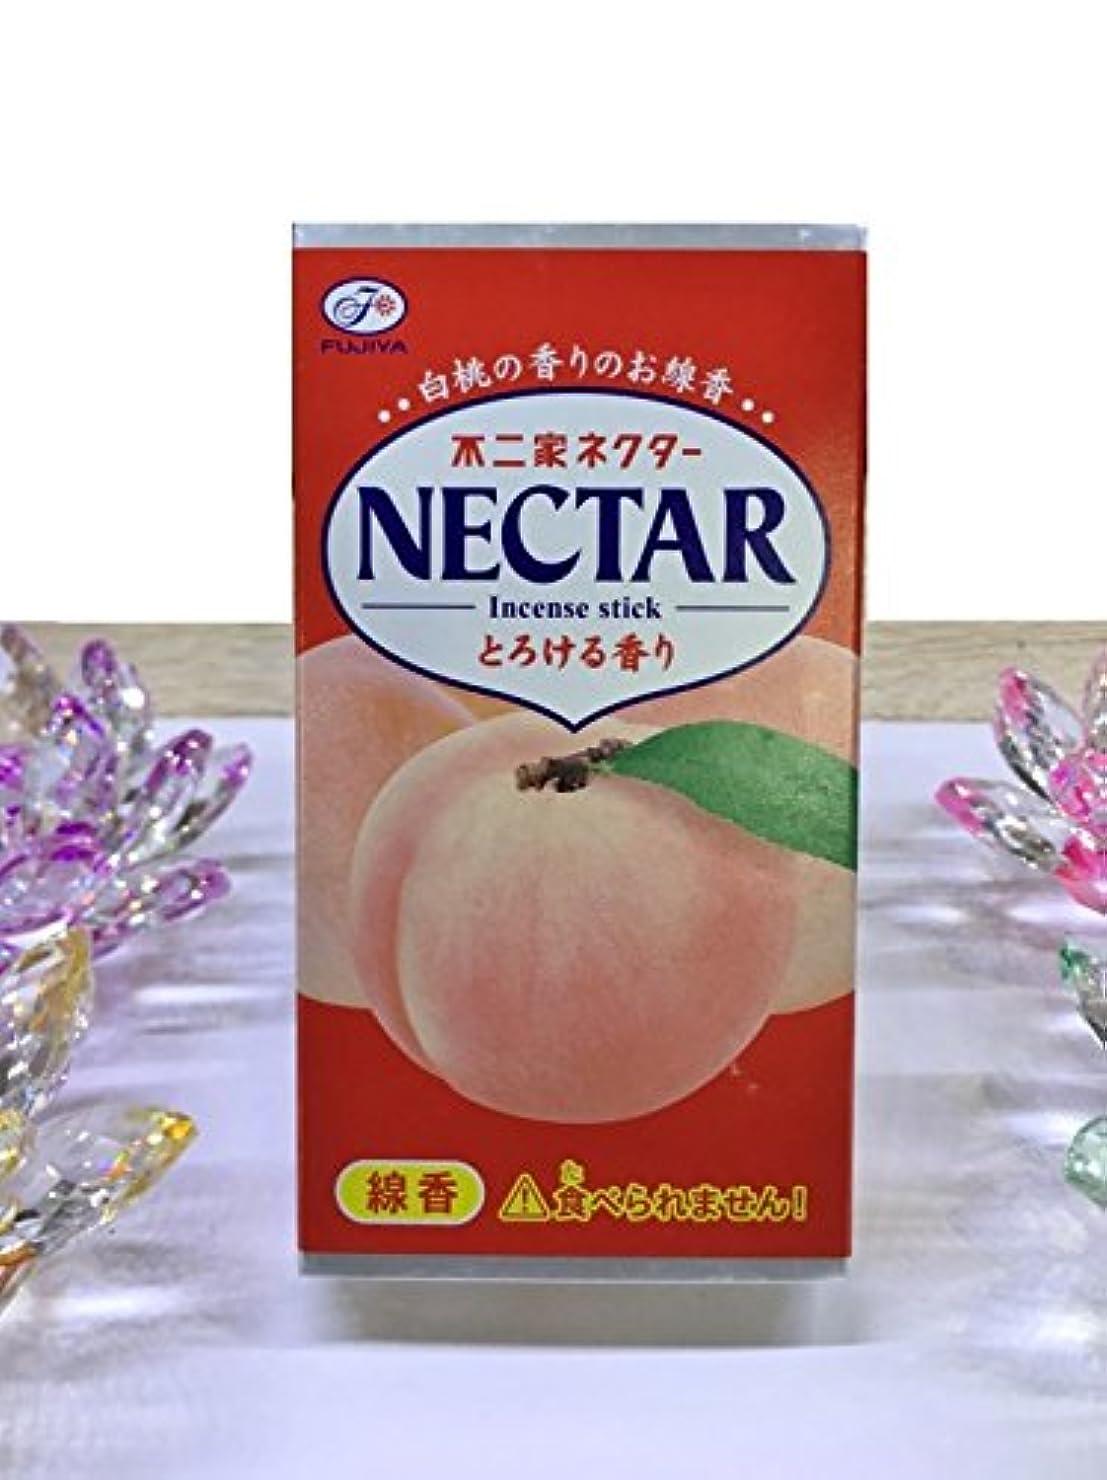 果てしない通信する純正kameyama ミニ寸線香 不二家ネクター 白桃の香りのお線香 とろける香り